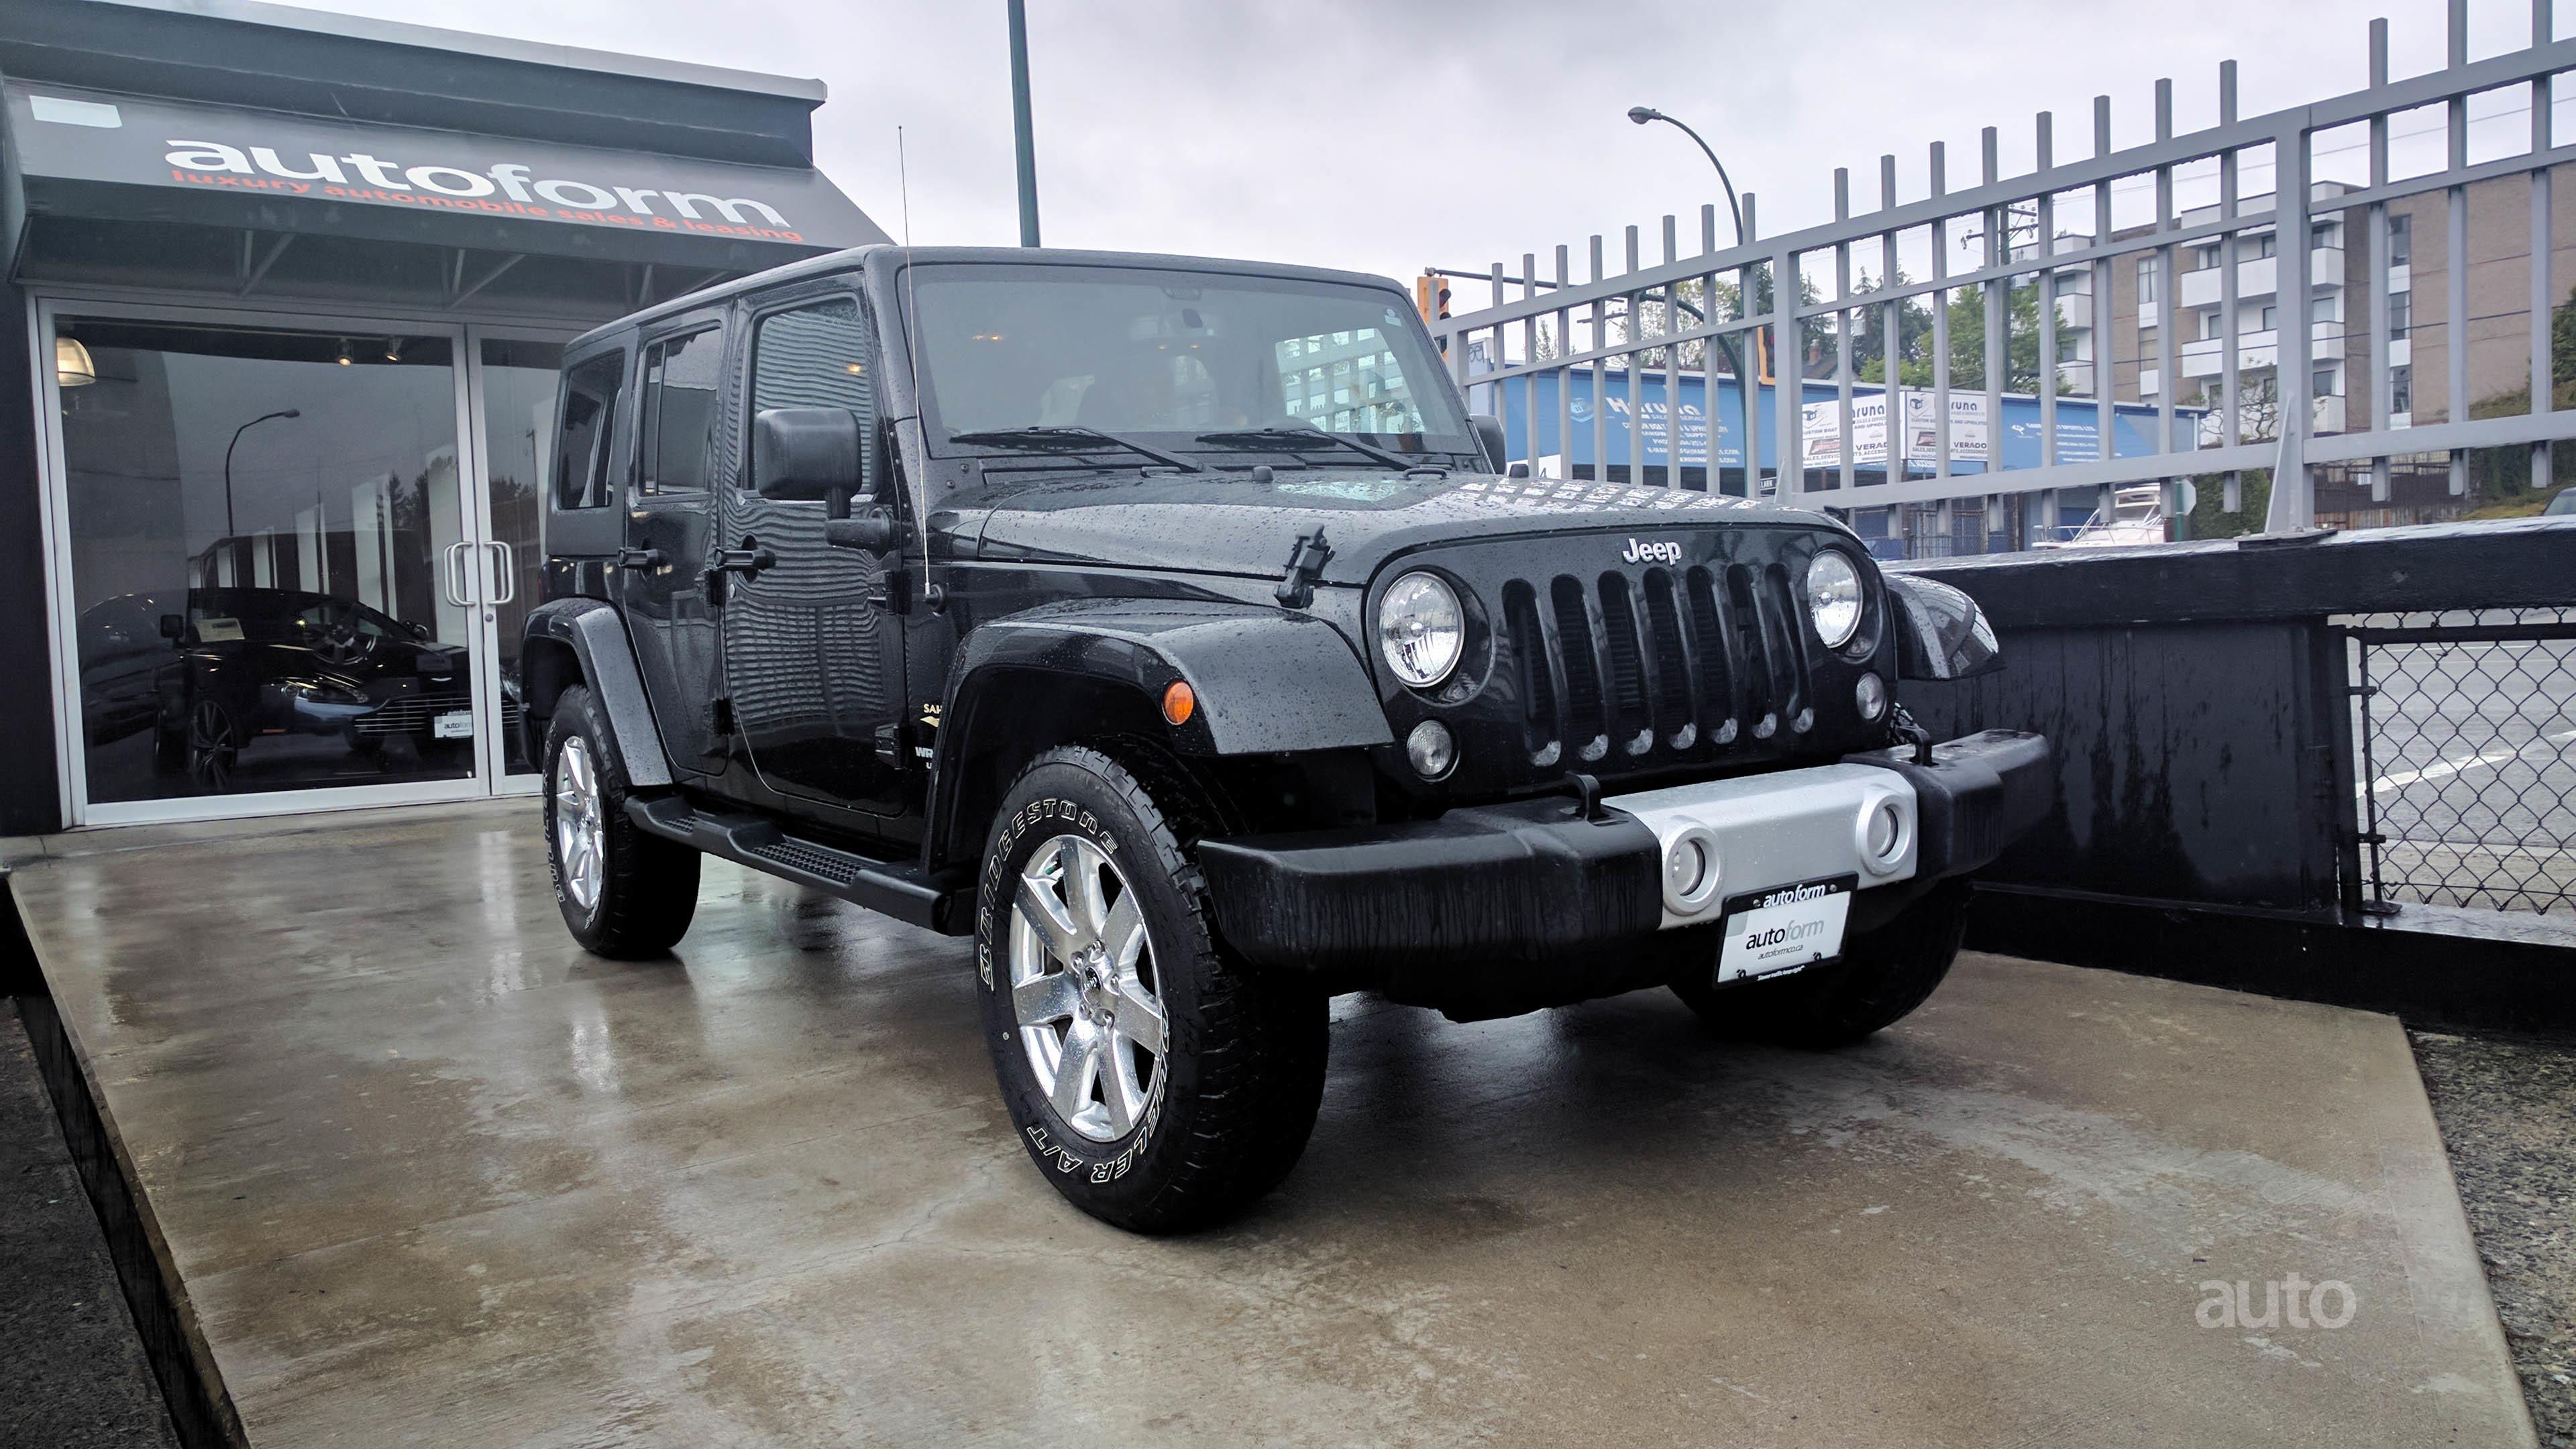 2015 jeep wrangler unlimited autoform. Black Bedroom Furniture Sets. Home Design Ideas